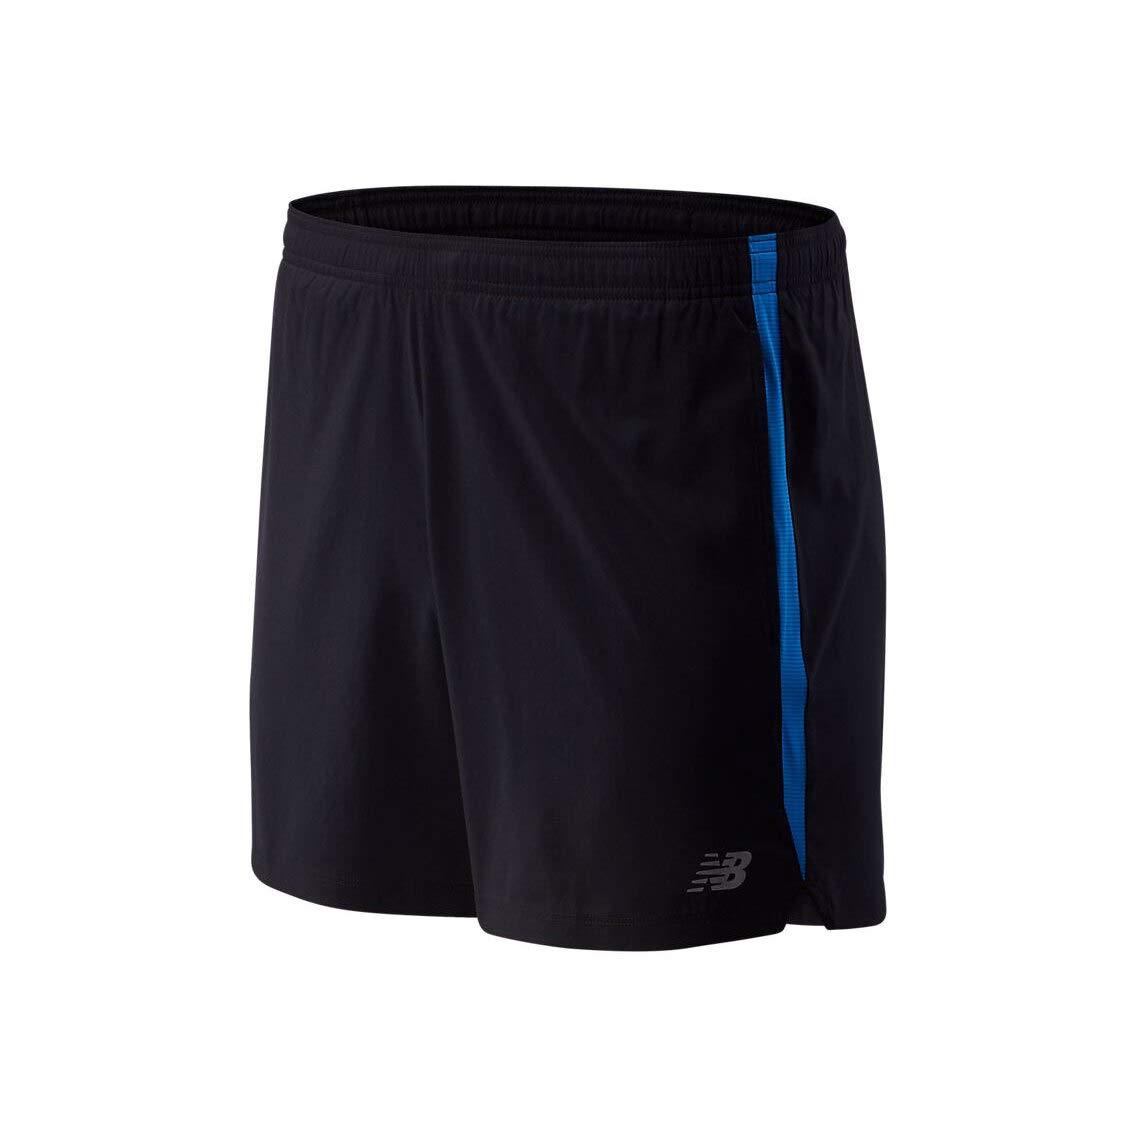 New Balance Herren Accelerate 5In Laufbekleidung Shorts Dunkelblau - Blau L